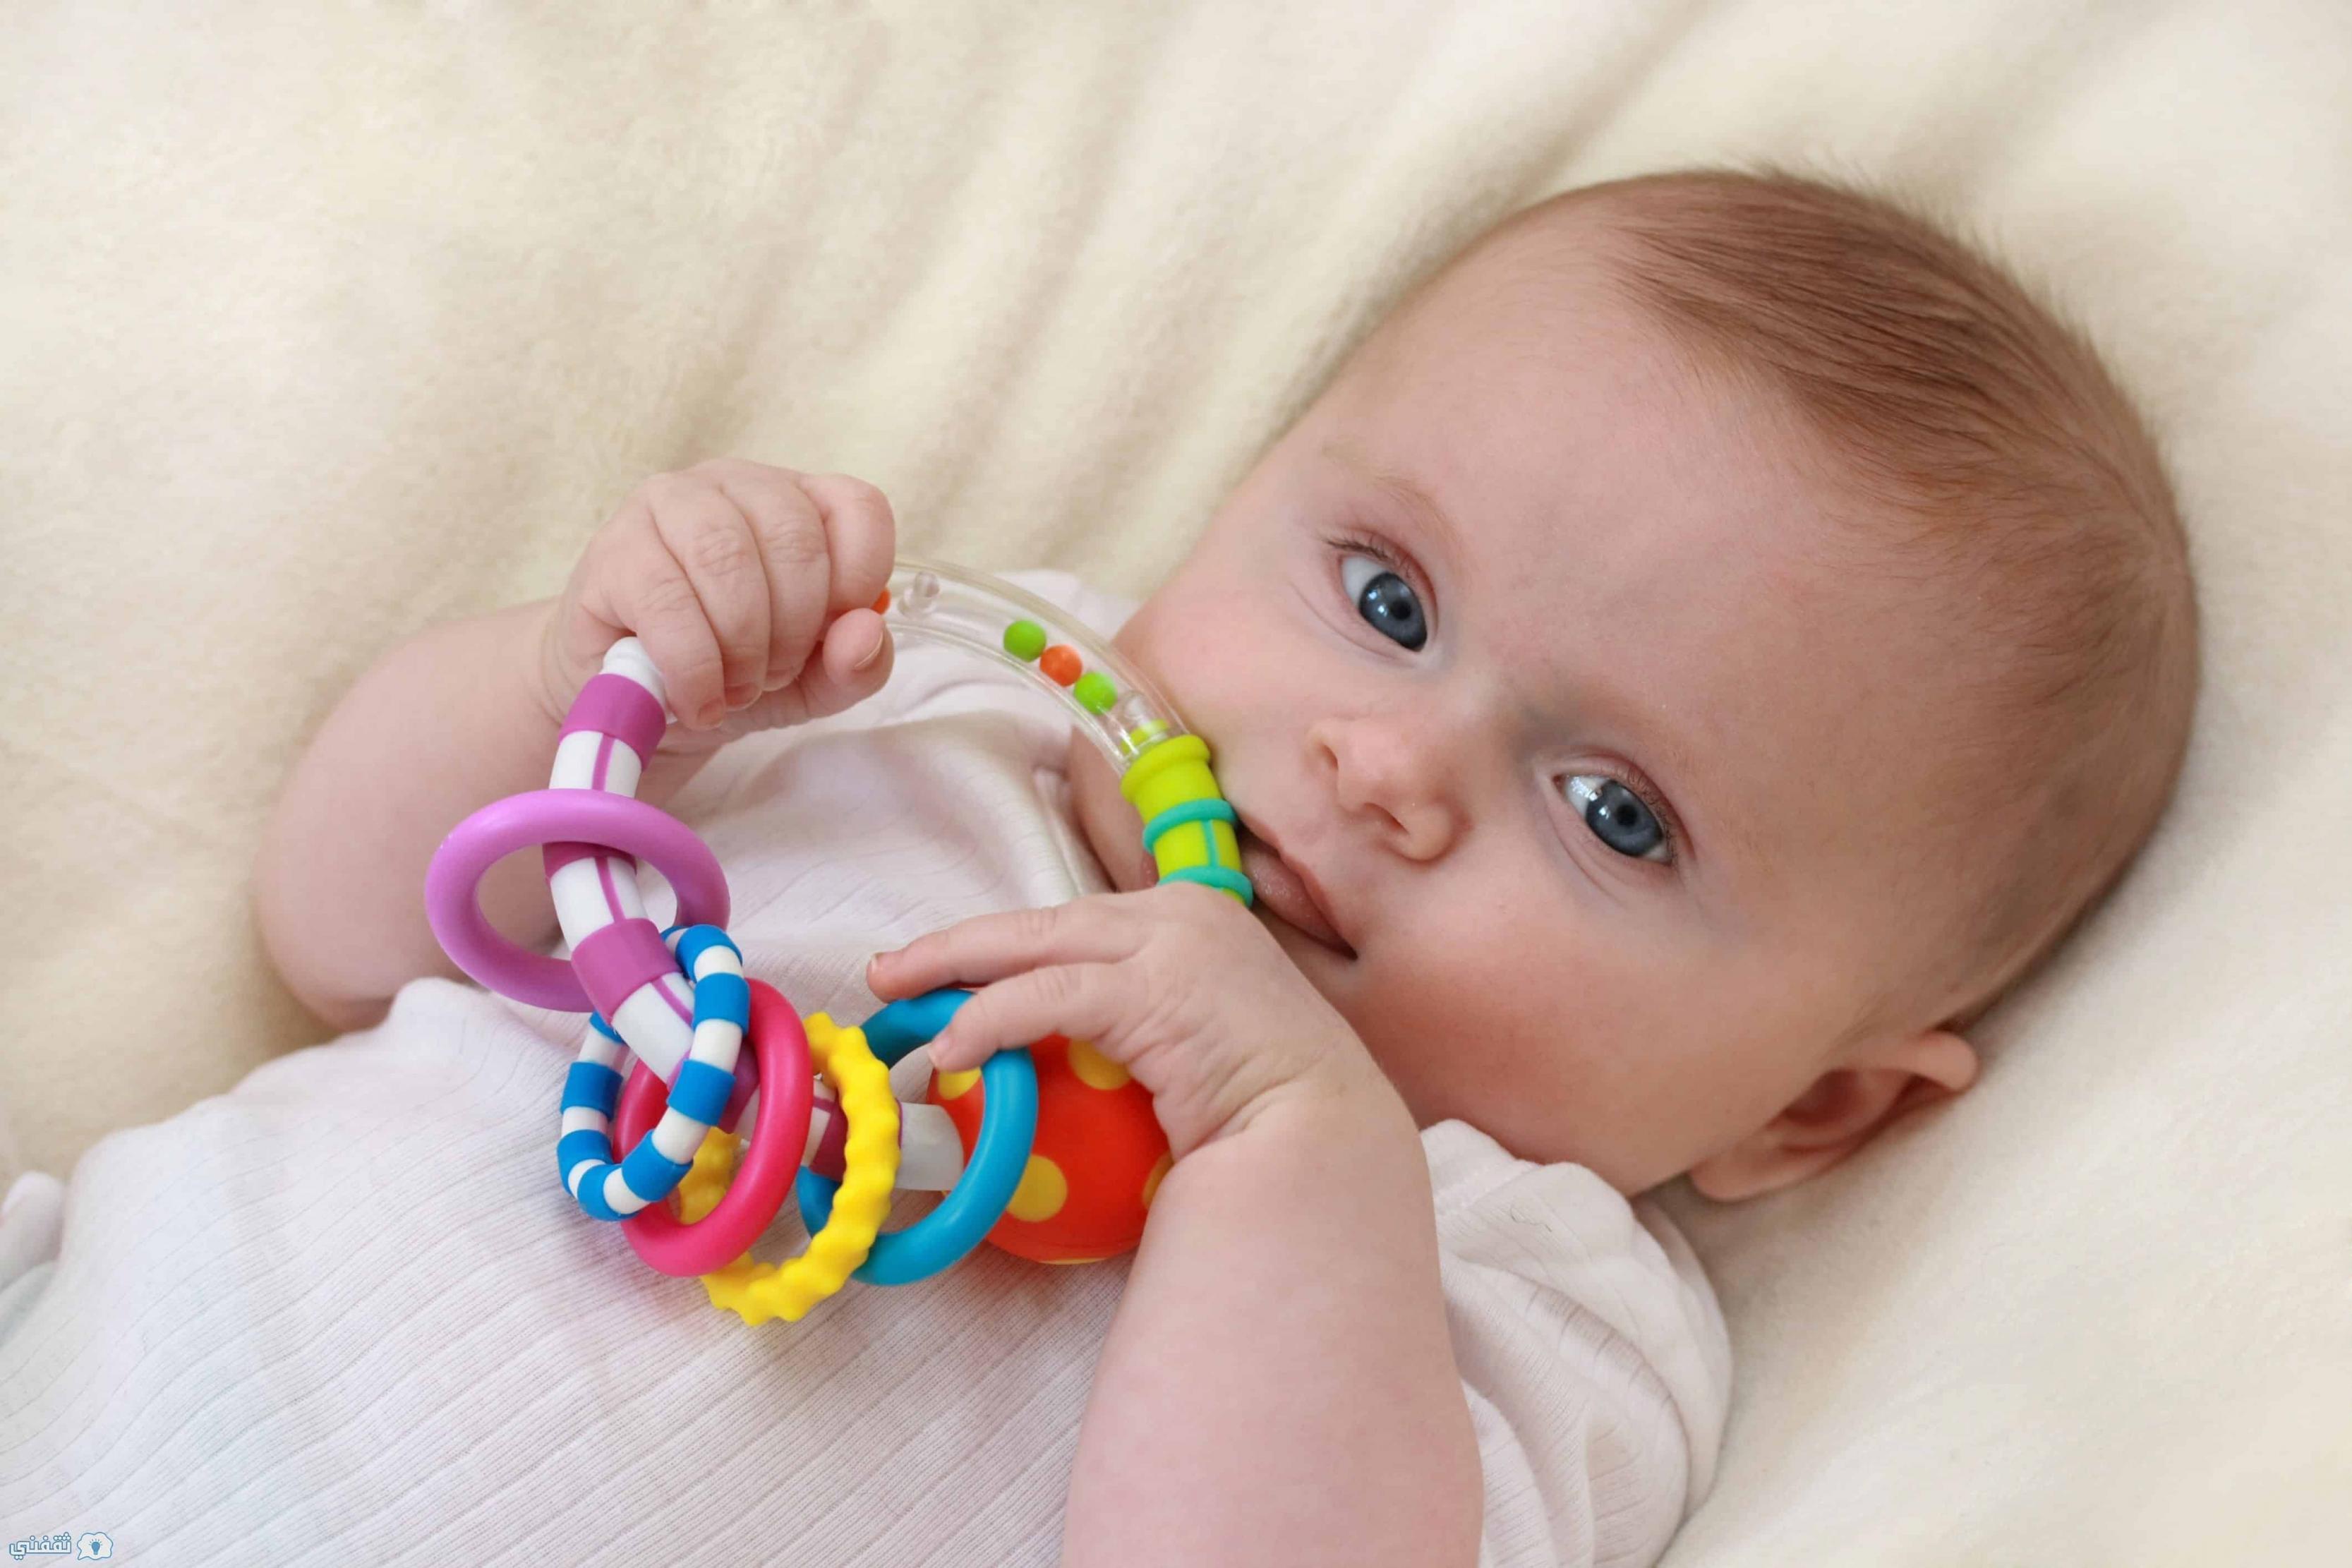 بالصور صور اجمل طفل , اجمل واروع صور الاطفال 3562 7